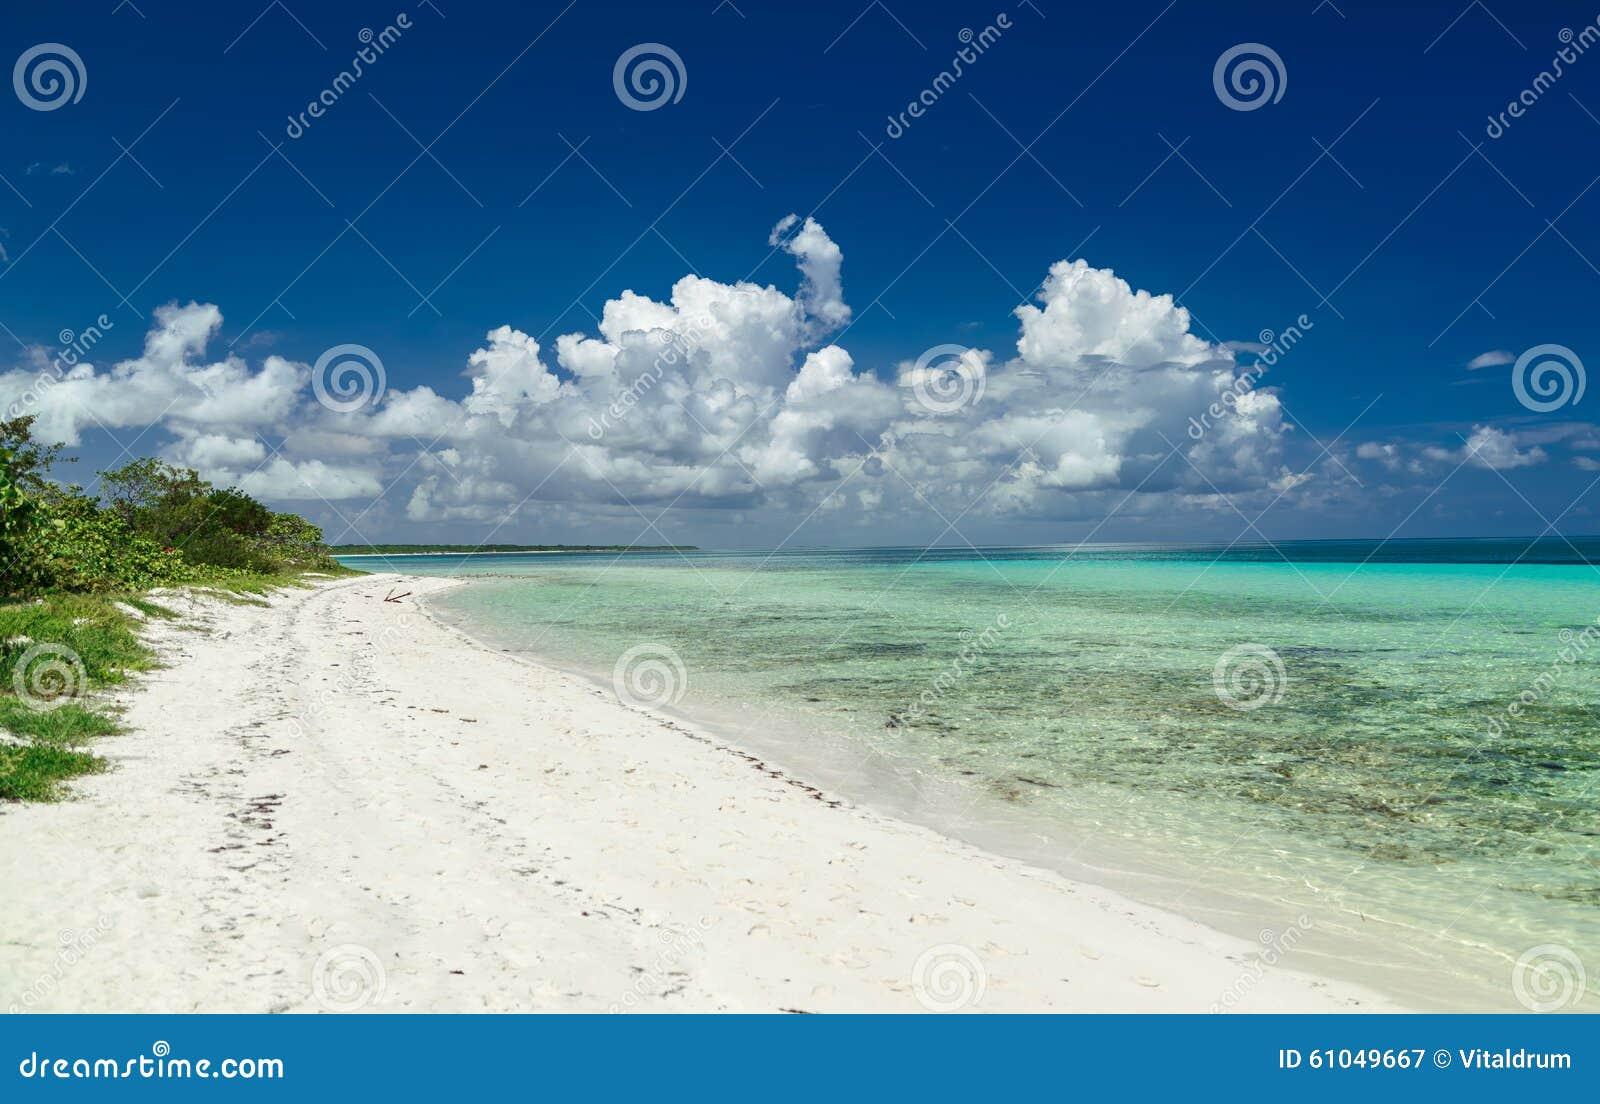 Einladende erstaunliche Naturlandschaftsansicht des kubanischen Strandes gegen tiefen blauen Himmel und ruhig, Türkisozean